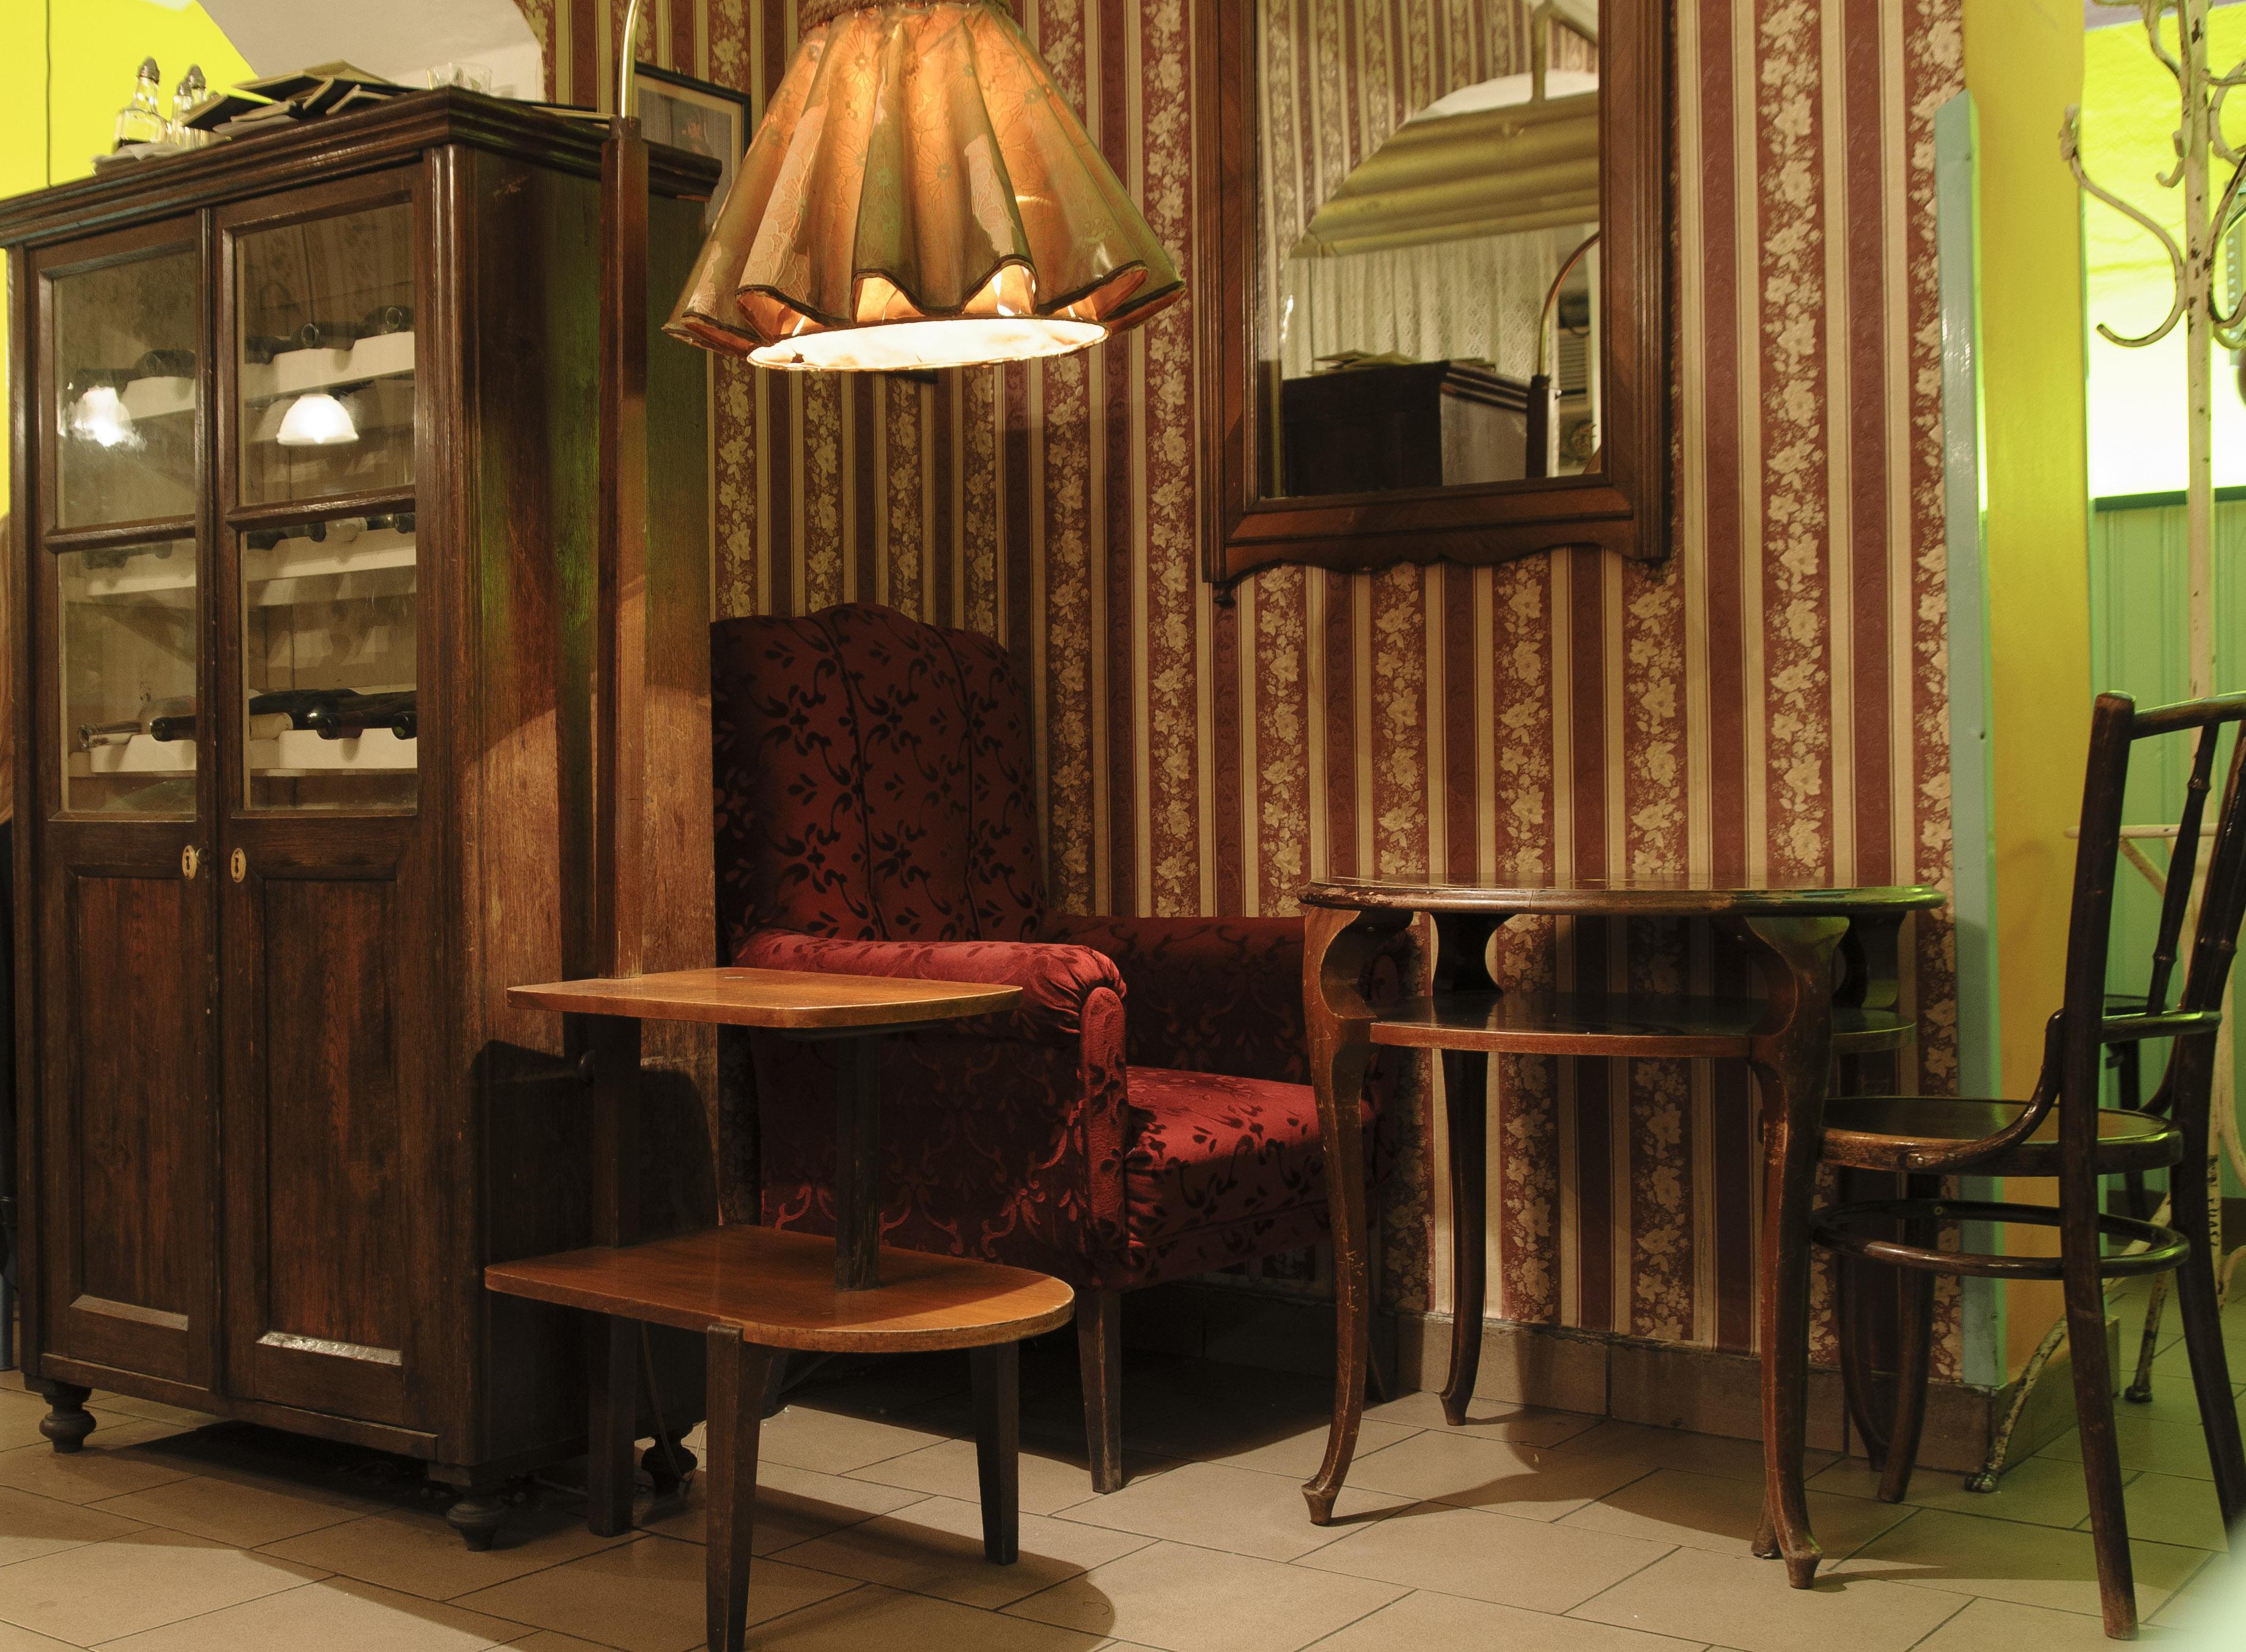 Gratis Afbeeldingen : tafel, hout, stoel, restaurant, huis-, nikon ...